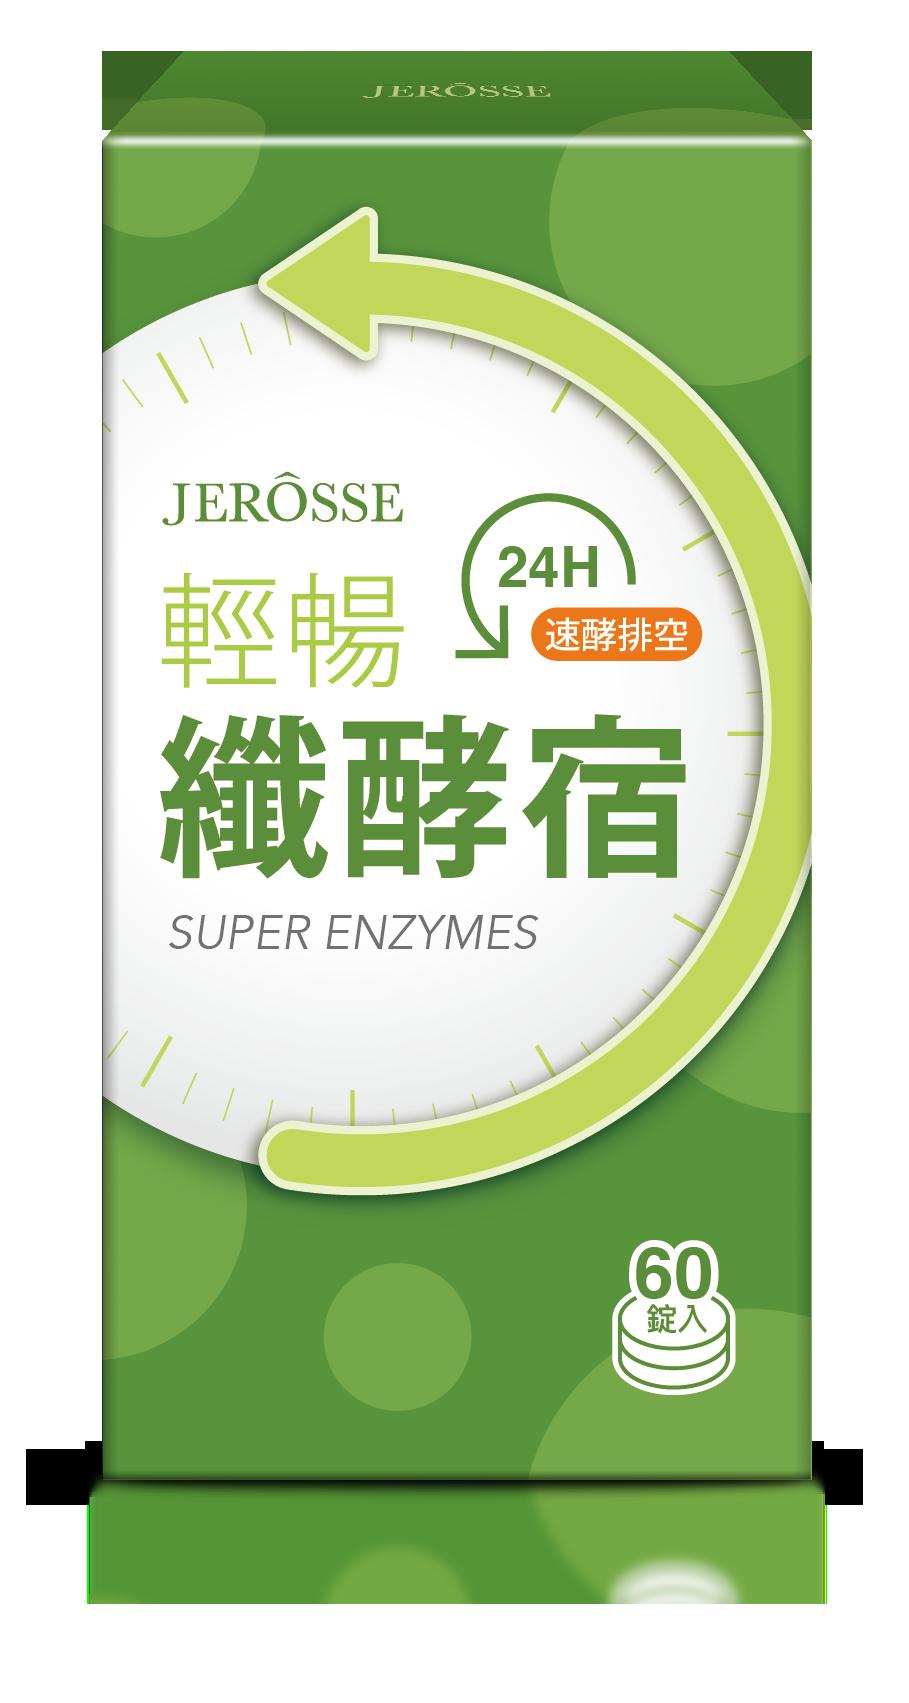 【貨到付款+滿3千數回饋11~23%】JEROSSE 婕樂纖  纖酵宿 纖酵素 分期0利率 1